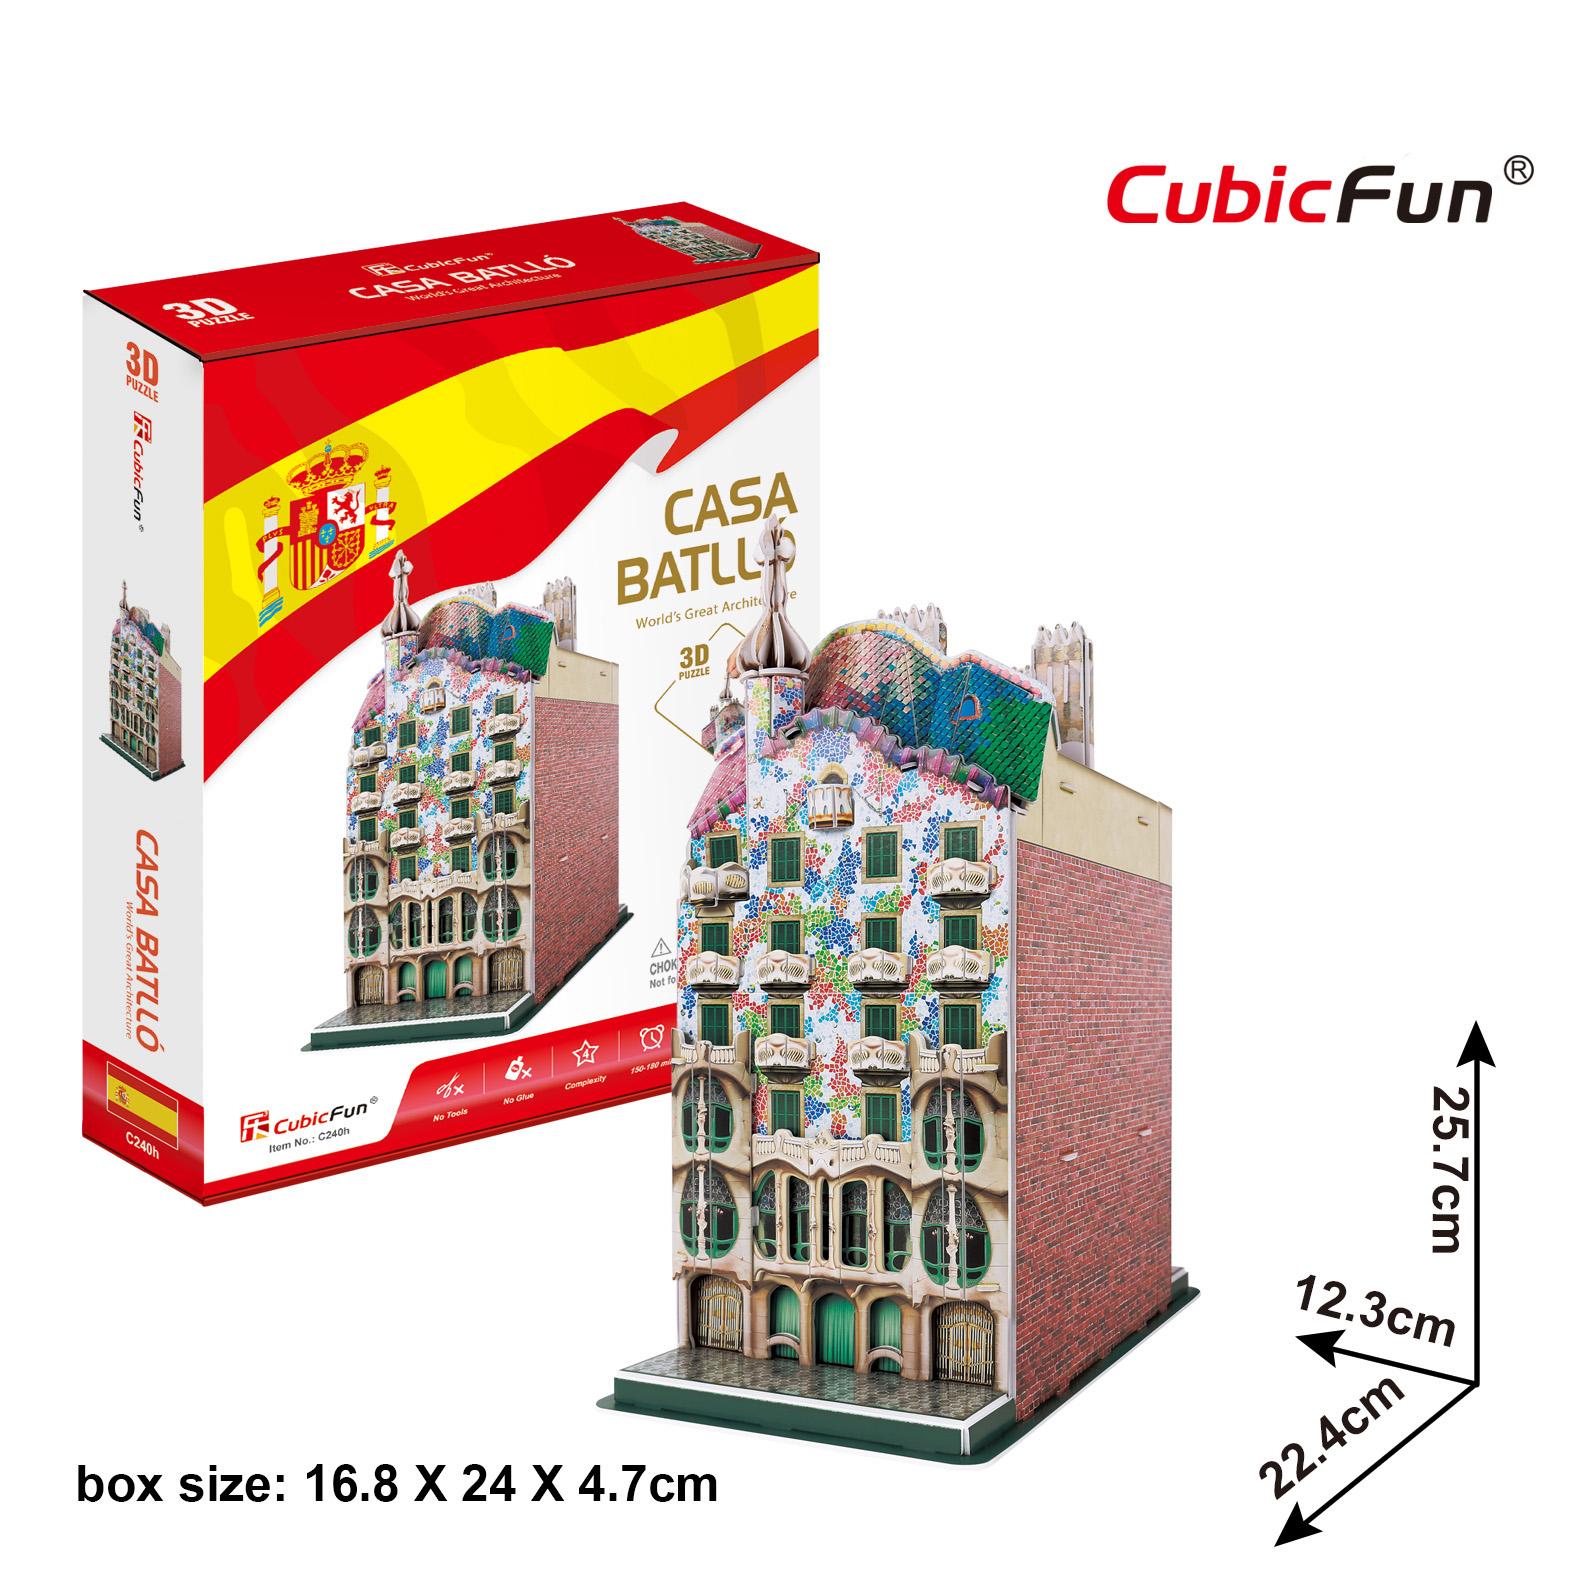 Casa Batllo Cubic Fun 3D Puzzle Size 22.4*12.3*25.7 cm. Total 68 pcs